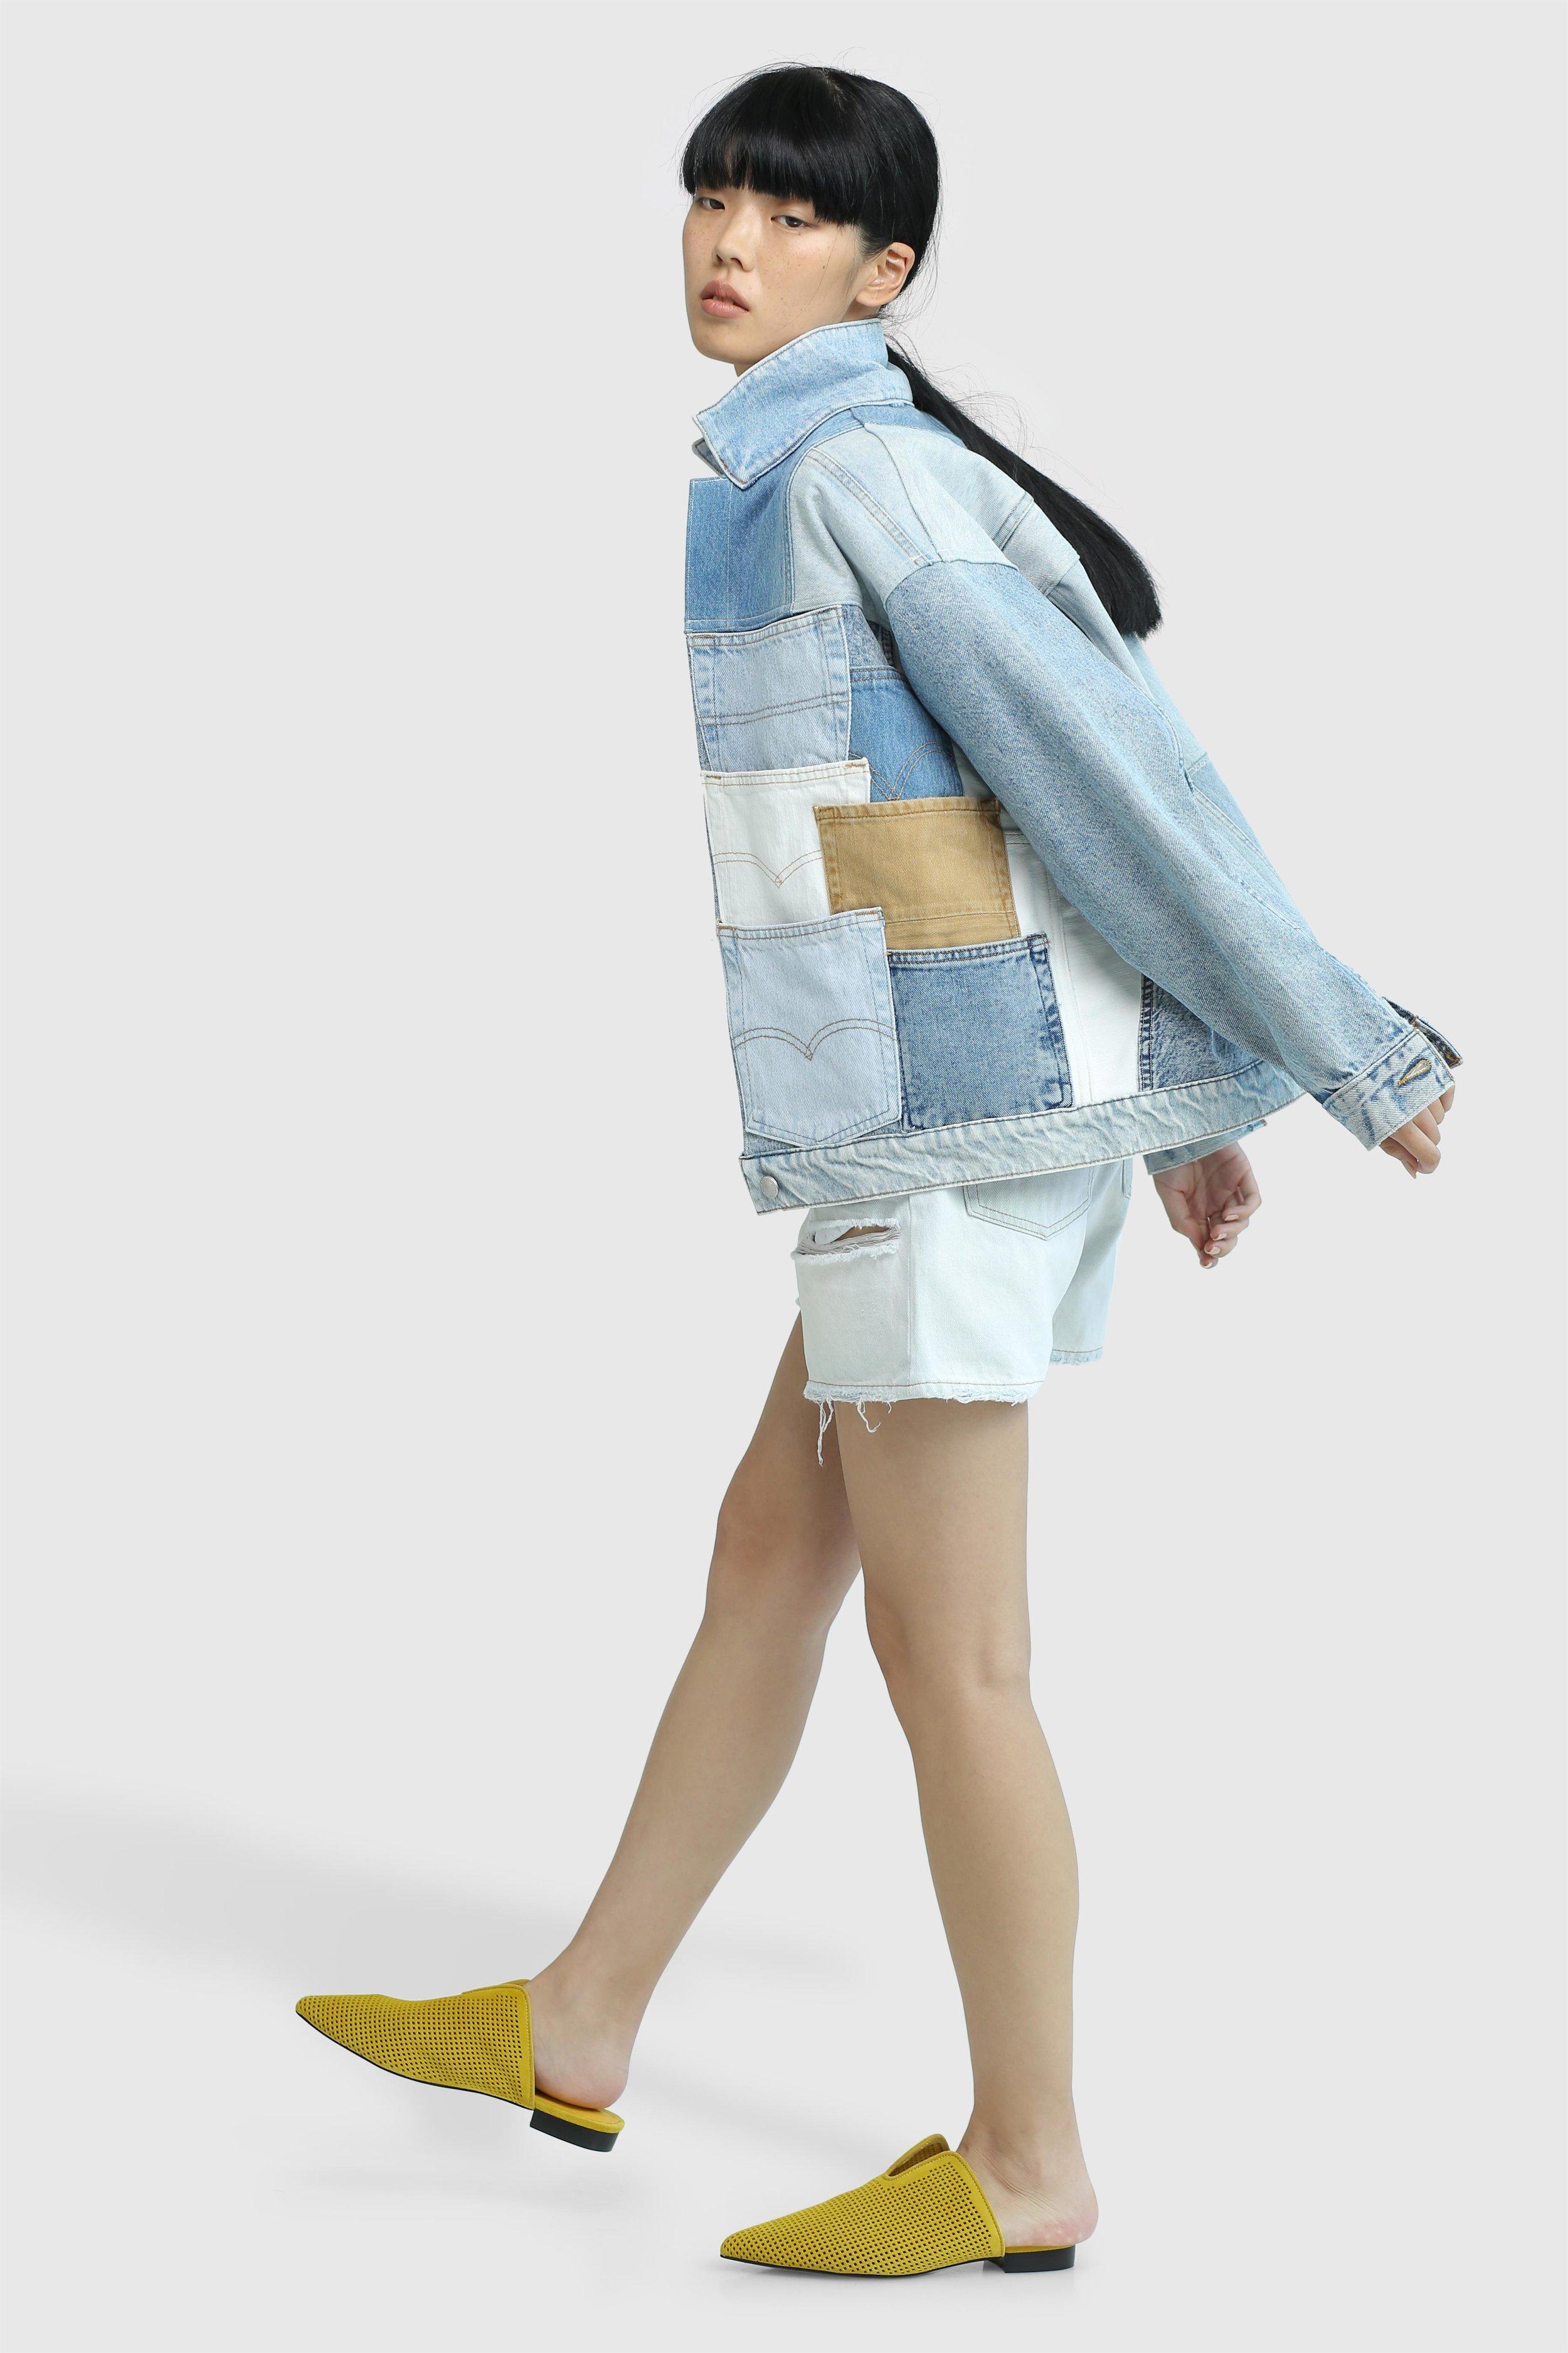 אוצרות וינטג' של קלווין קליין, טומי הילפיגר וליווייס מורכבים מחדש עם ג׳ינסים של צ'יפ מאנדיי, מתוך קולקציית Transformed, כריסטינה דיקנס ל- Foreign Denim ו- Belle&Sue (צילום: זהר שטרית)